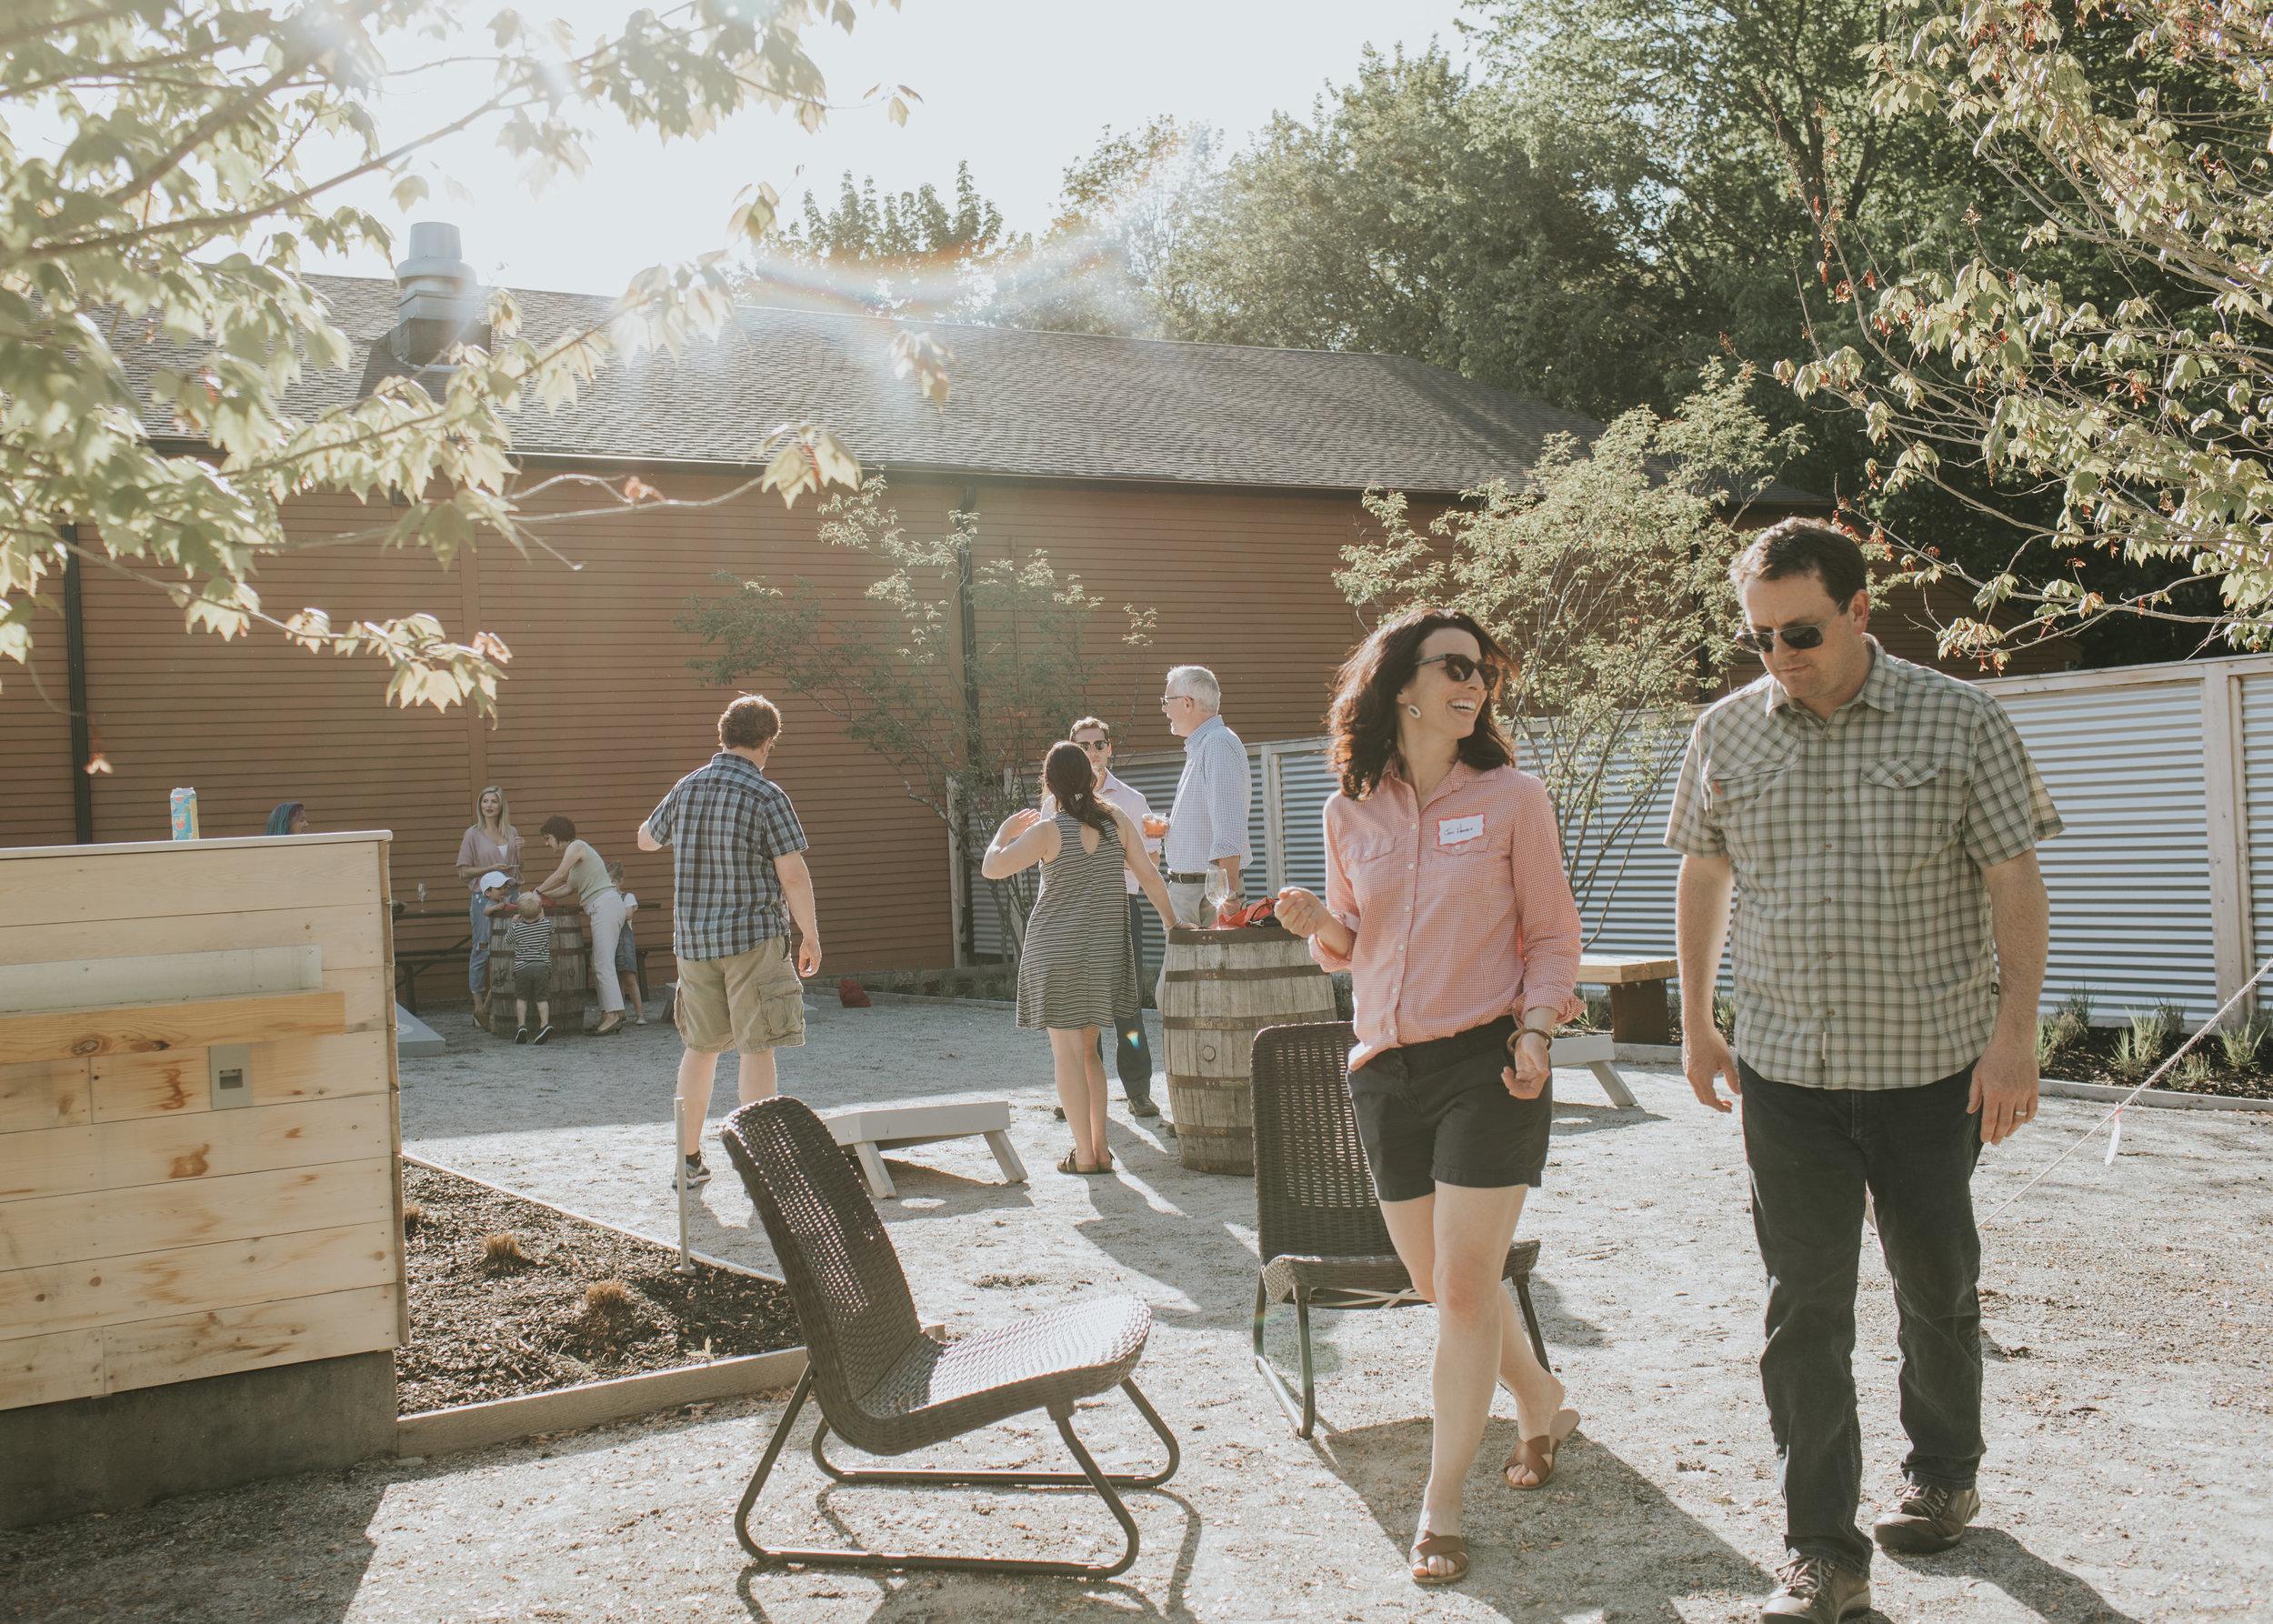 33 Elmwood 33 Garden Spot Westbrook Restaurant Outdoor Space © Heidi Kirn Photography 464061.jpg